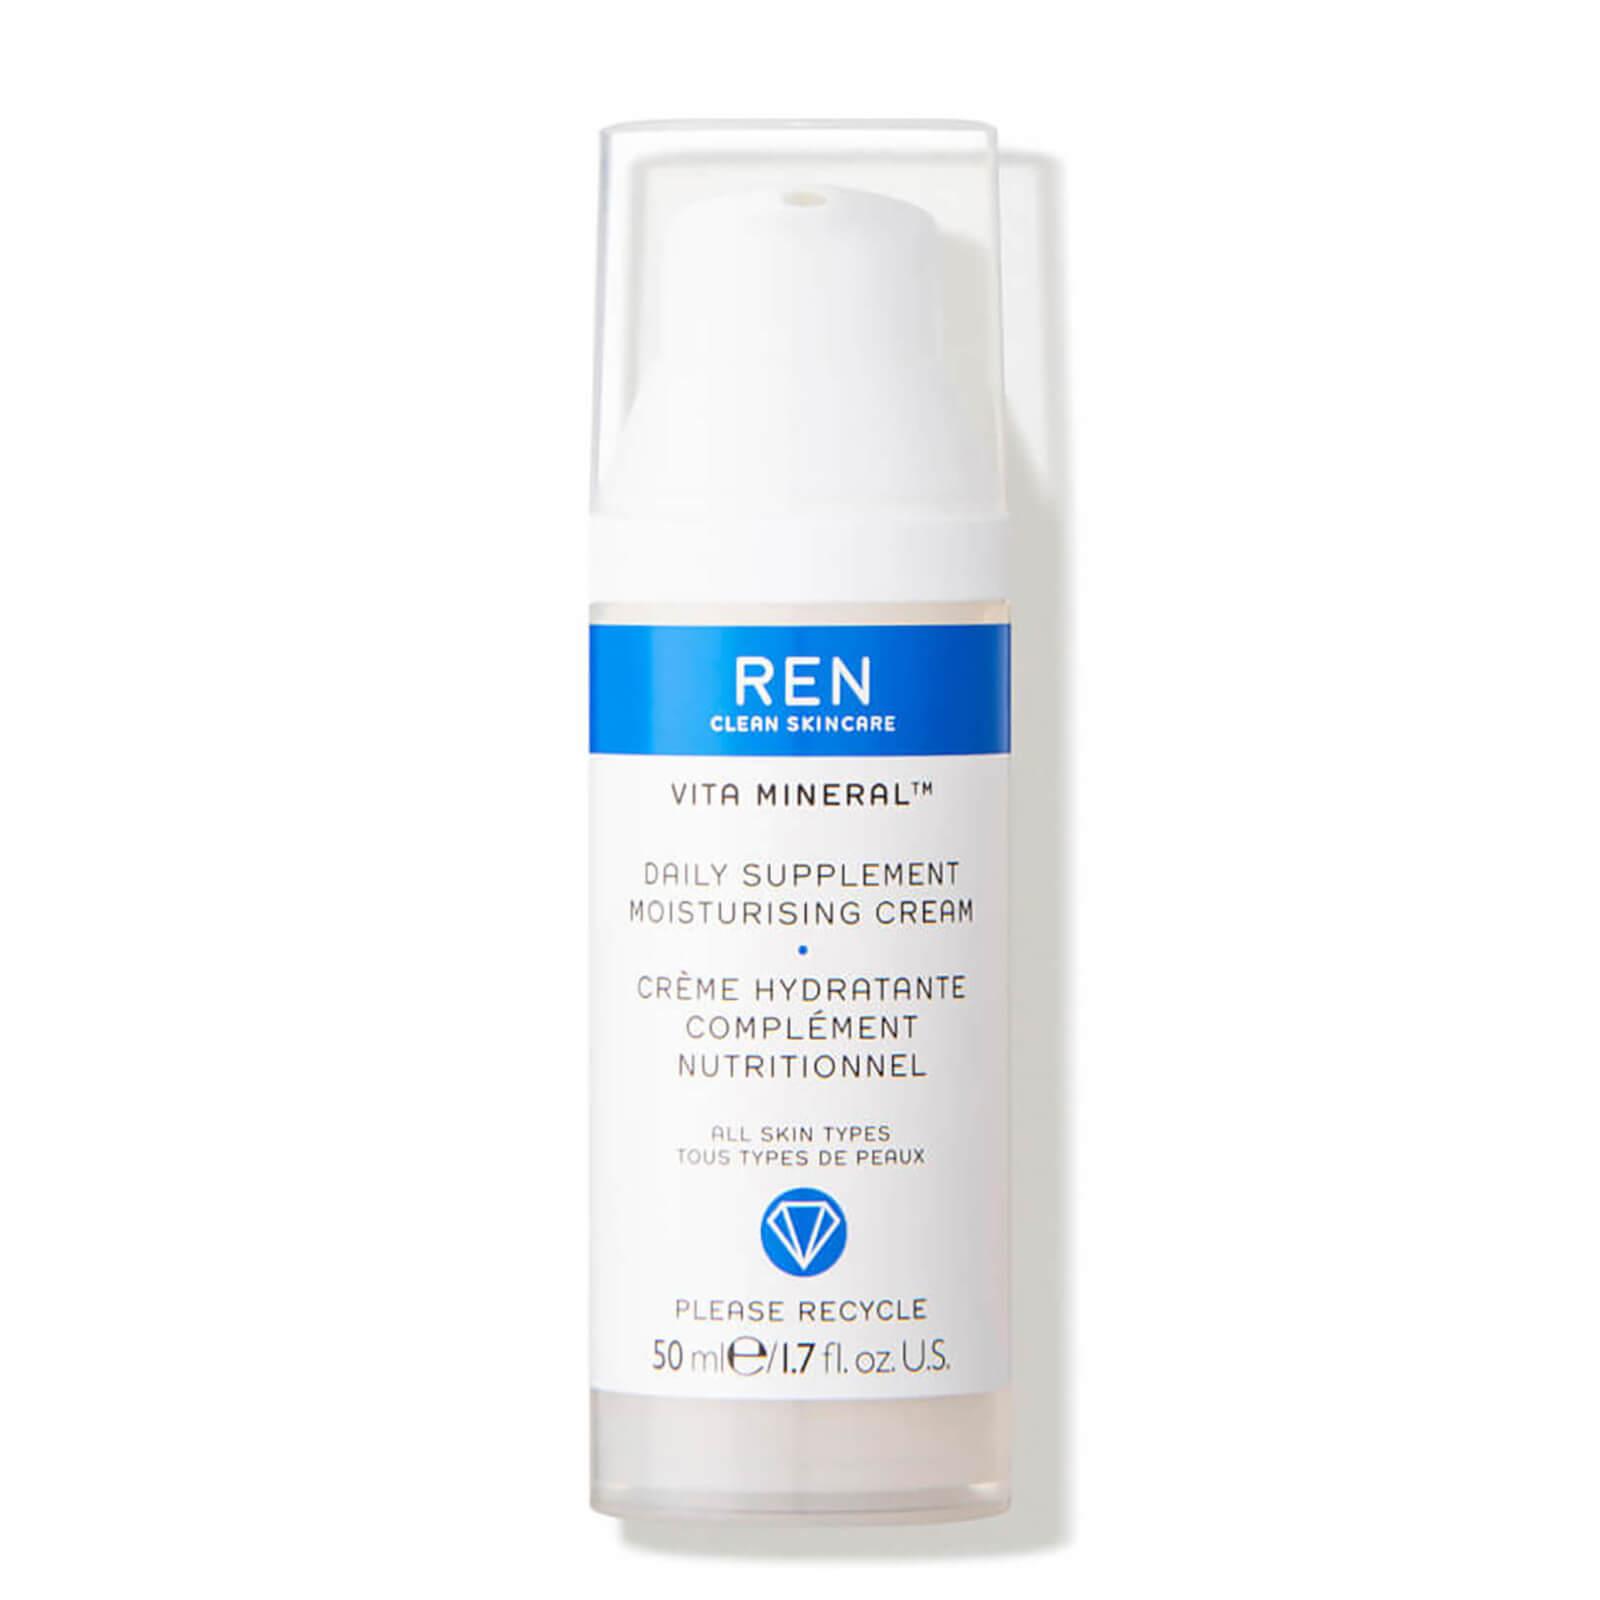 Купить Ежедневный увлажняющий крем REN Vita Mineral™ Daily Supplement Moisturising Cream